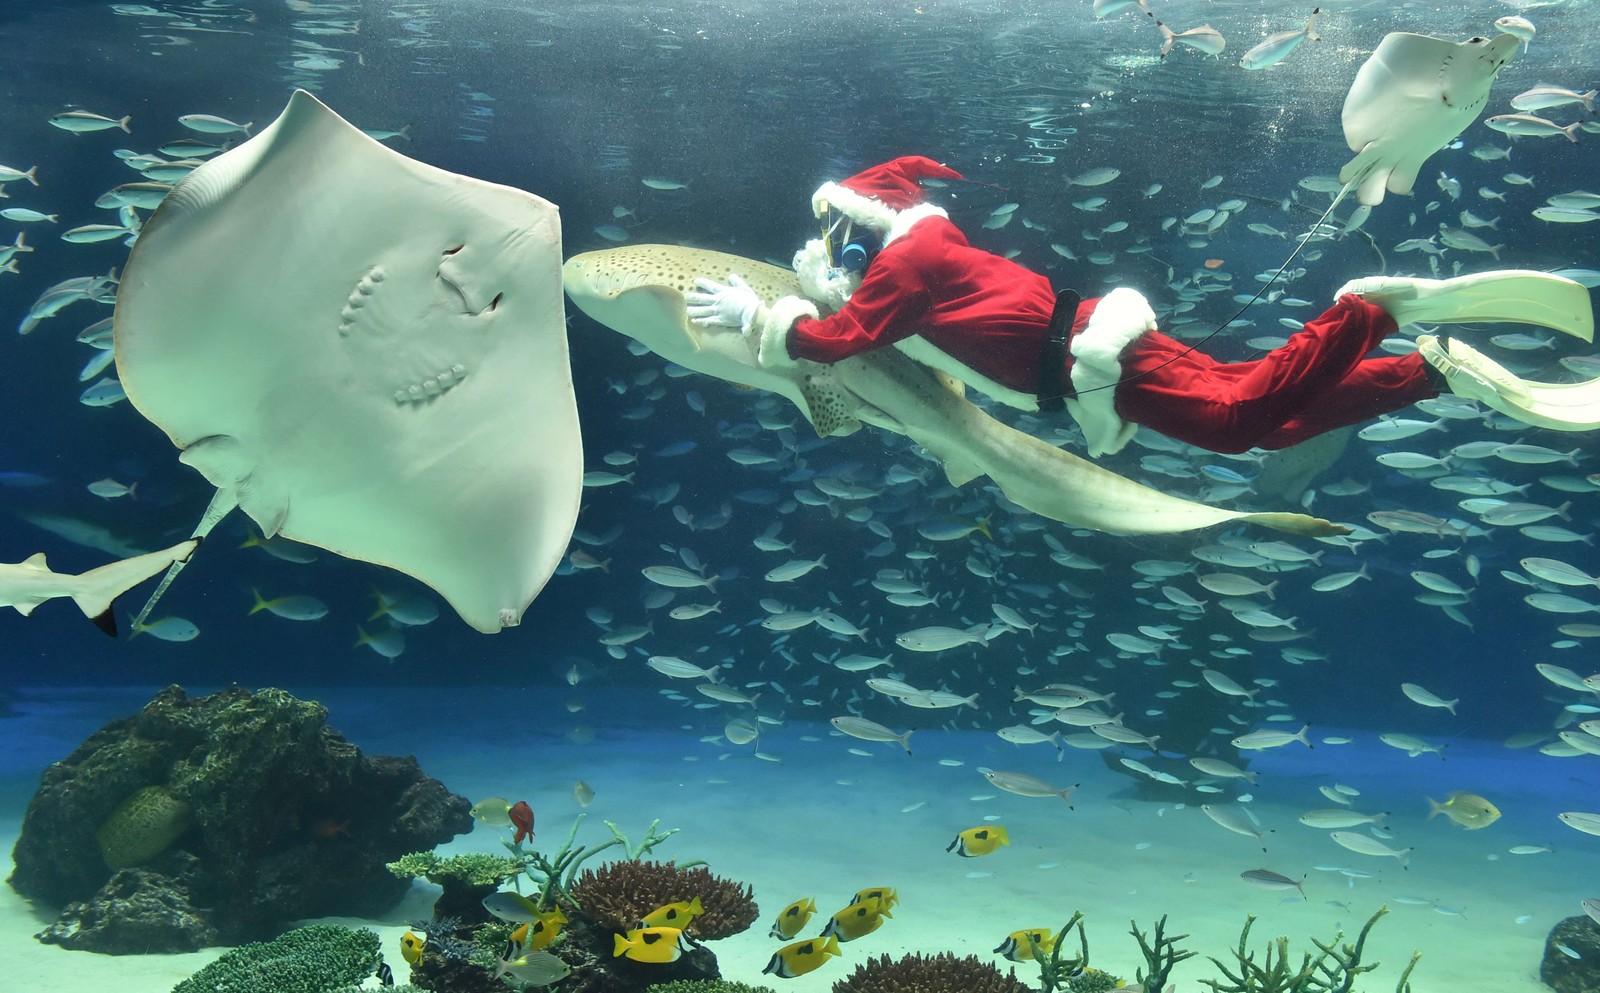 Det begynner å dukke opp mange bilder av julenisser hos bildebyråene nå om dagen. Her er det en nisse som trives som fisken i vannet i akvariet Sunshine i Tokyo. To ganger om dagen underholder han besøkende med et vått juleshow.